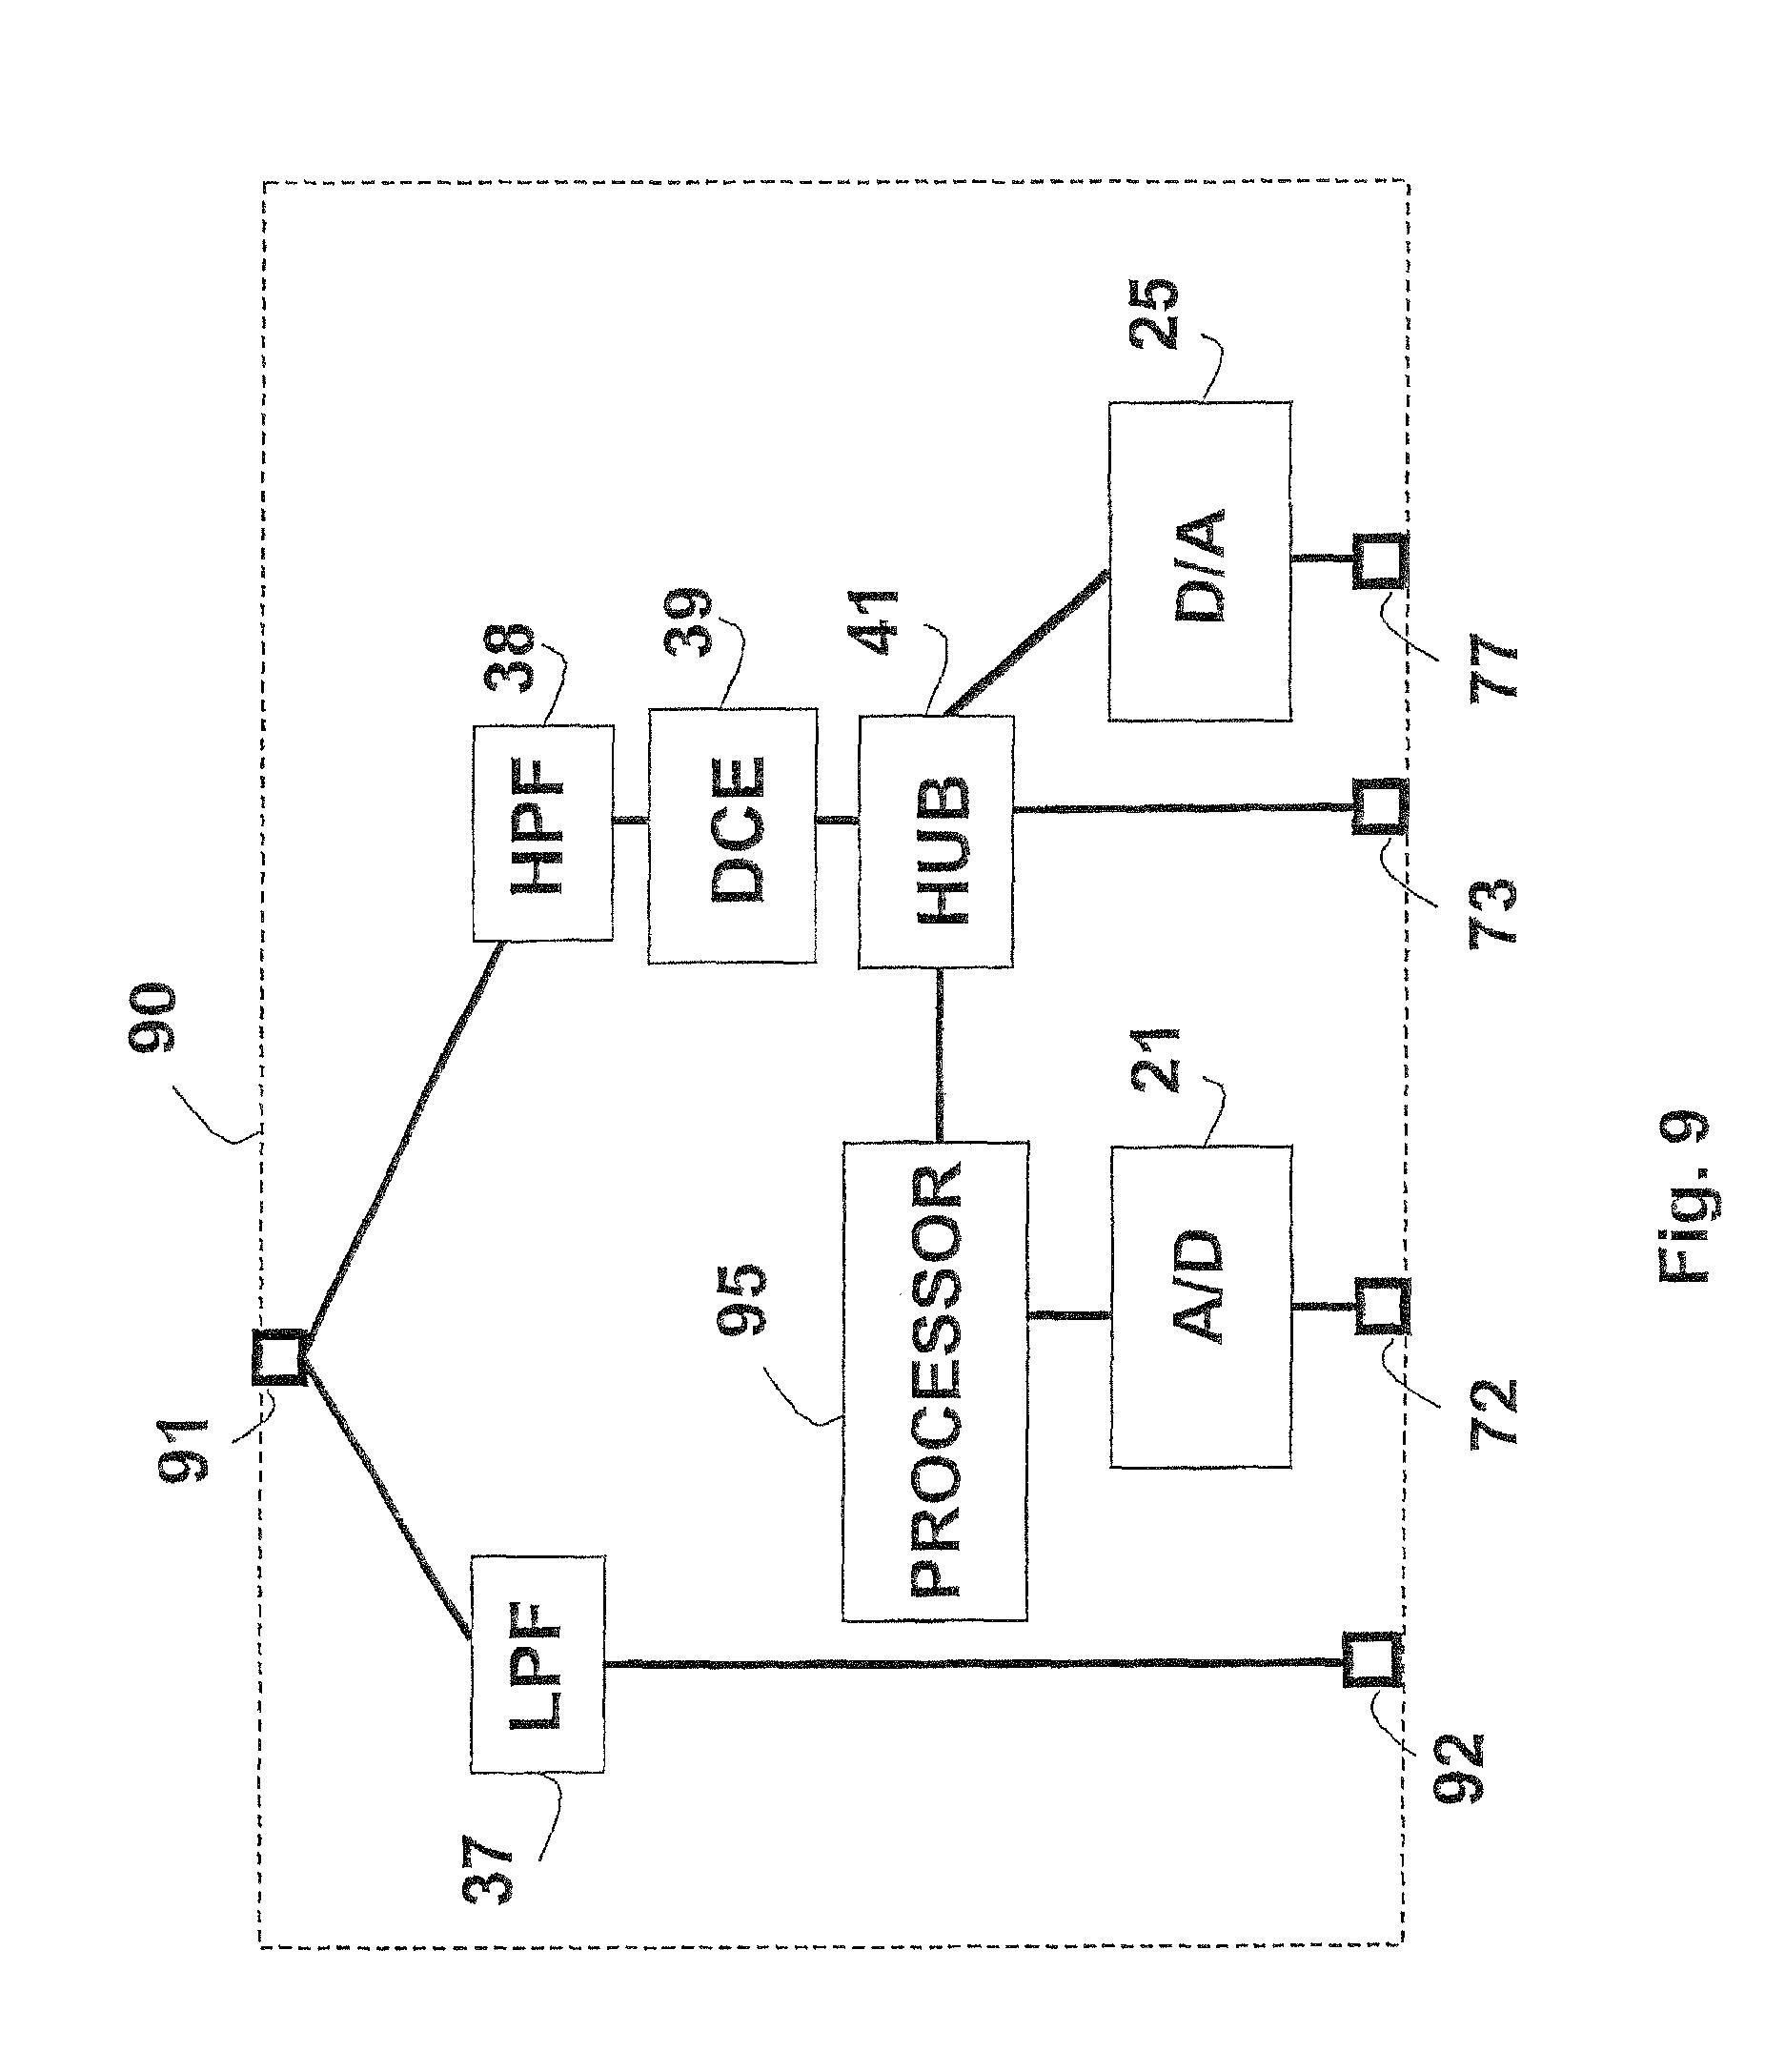 patent us7860084